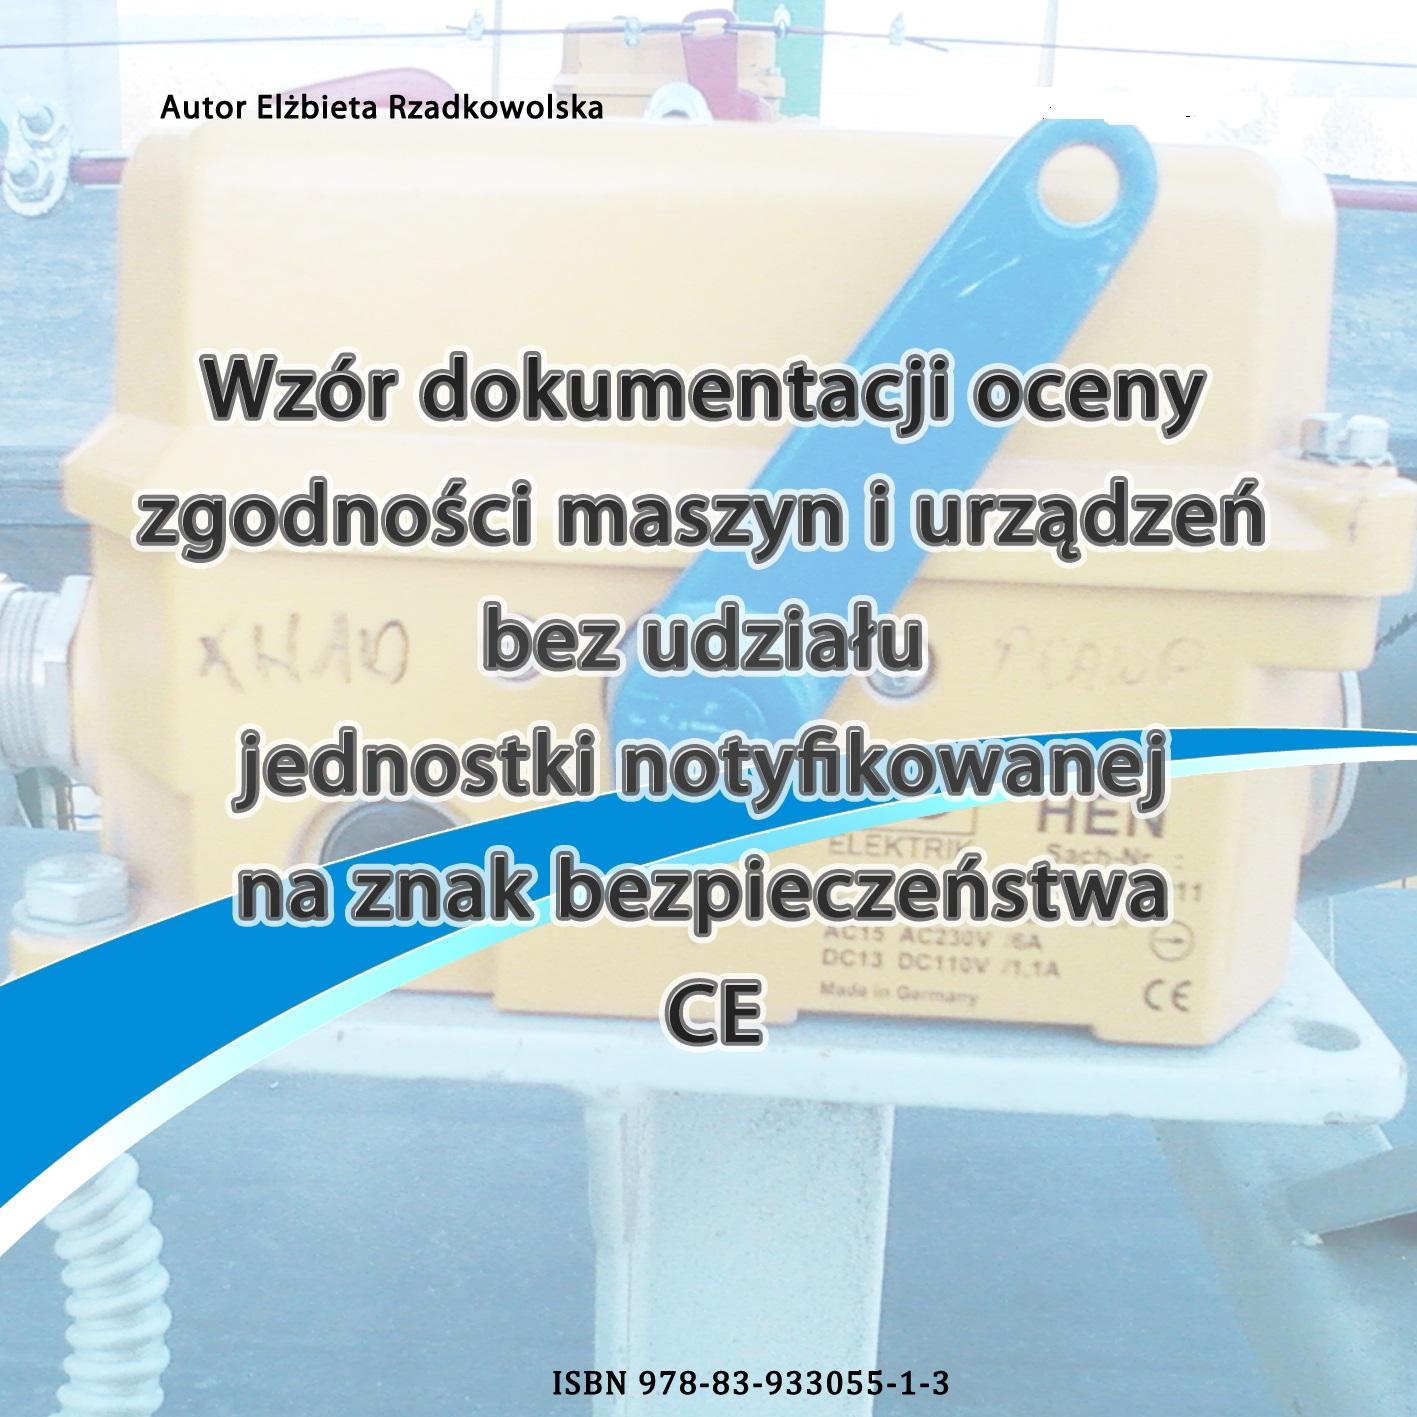 Obrazek dla postu Procedura nadawania znaku CE - dyrektywa maszynowa MD 2006/42/WE